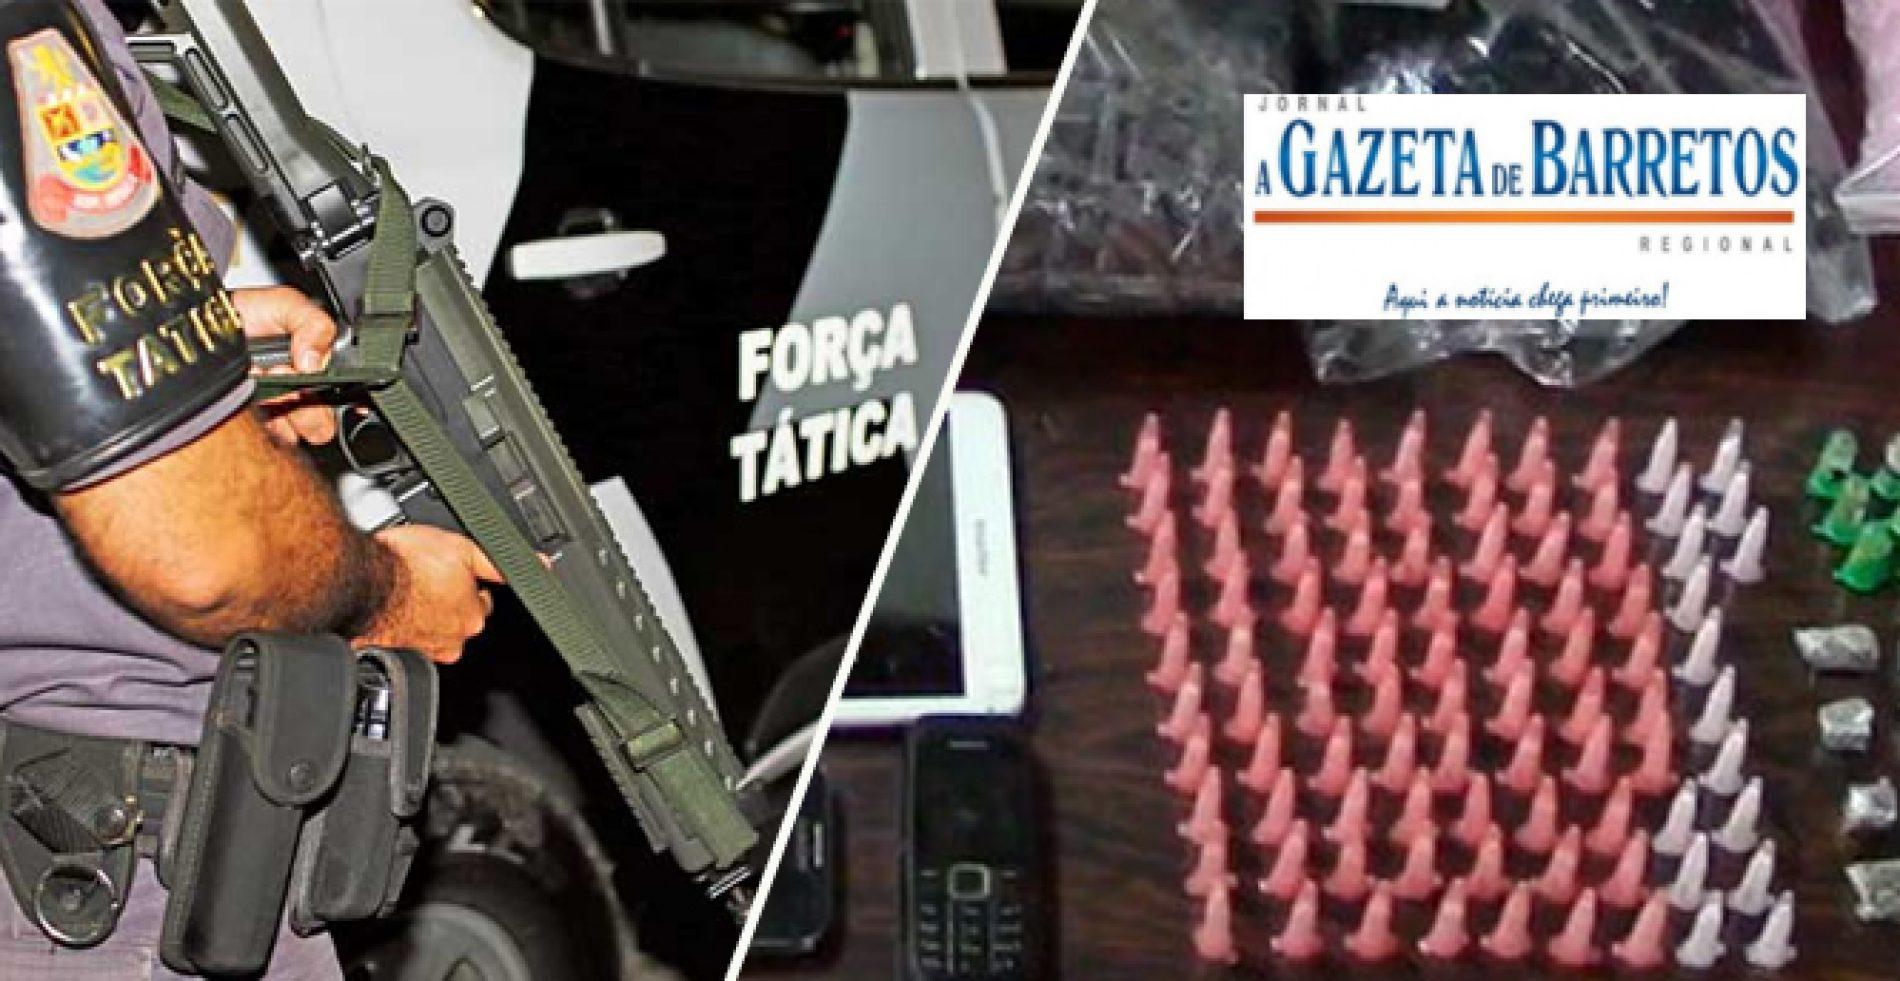 Força Tática: O terror da bandidagem. Dinheiro, pinos vazios, celulares entre outros objetos apreendidos no Bairro Don Bosco